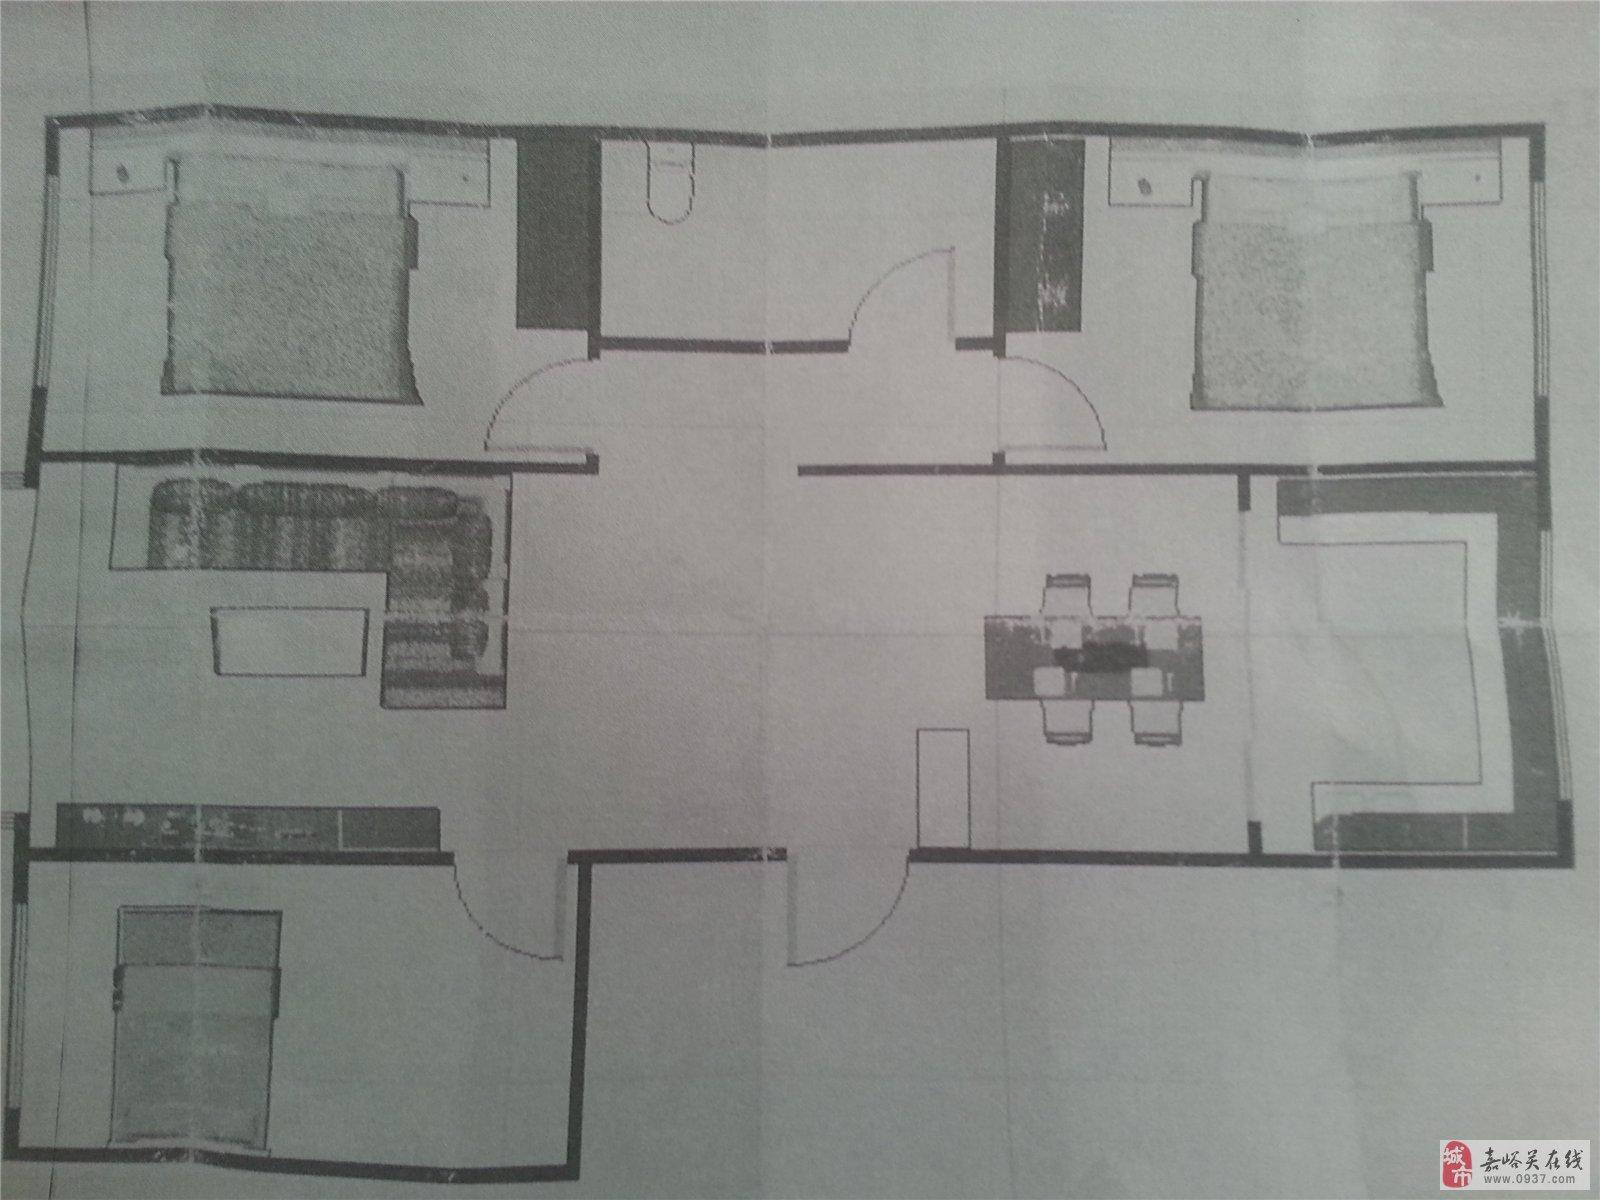 低价出售建设街二手房一套 16 万元 70㎡ / -- 平房仓库独立大院